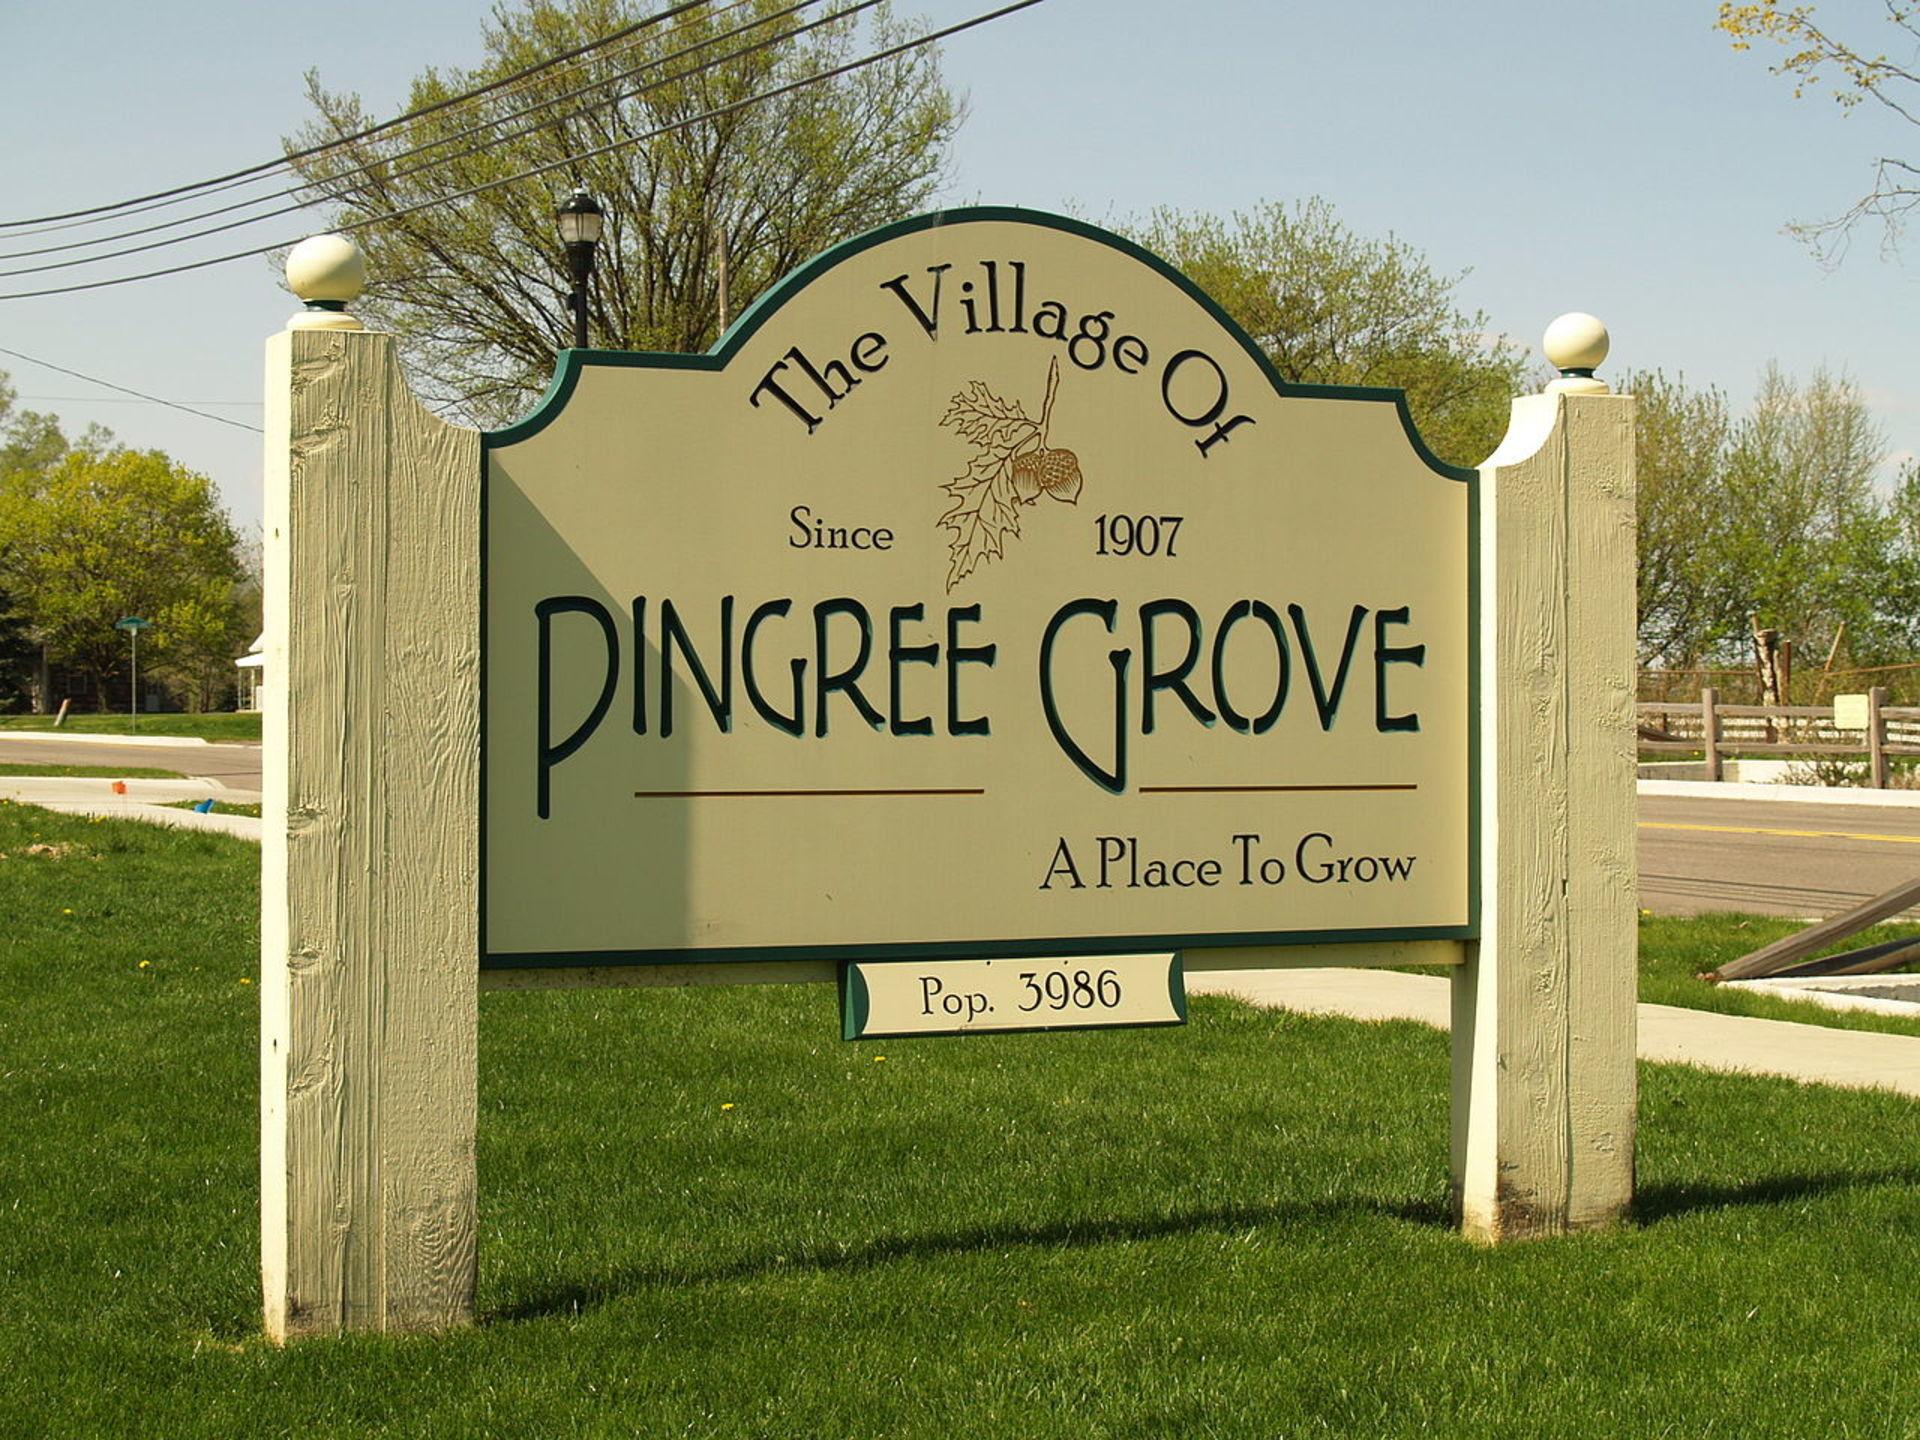 Pingree Grove